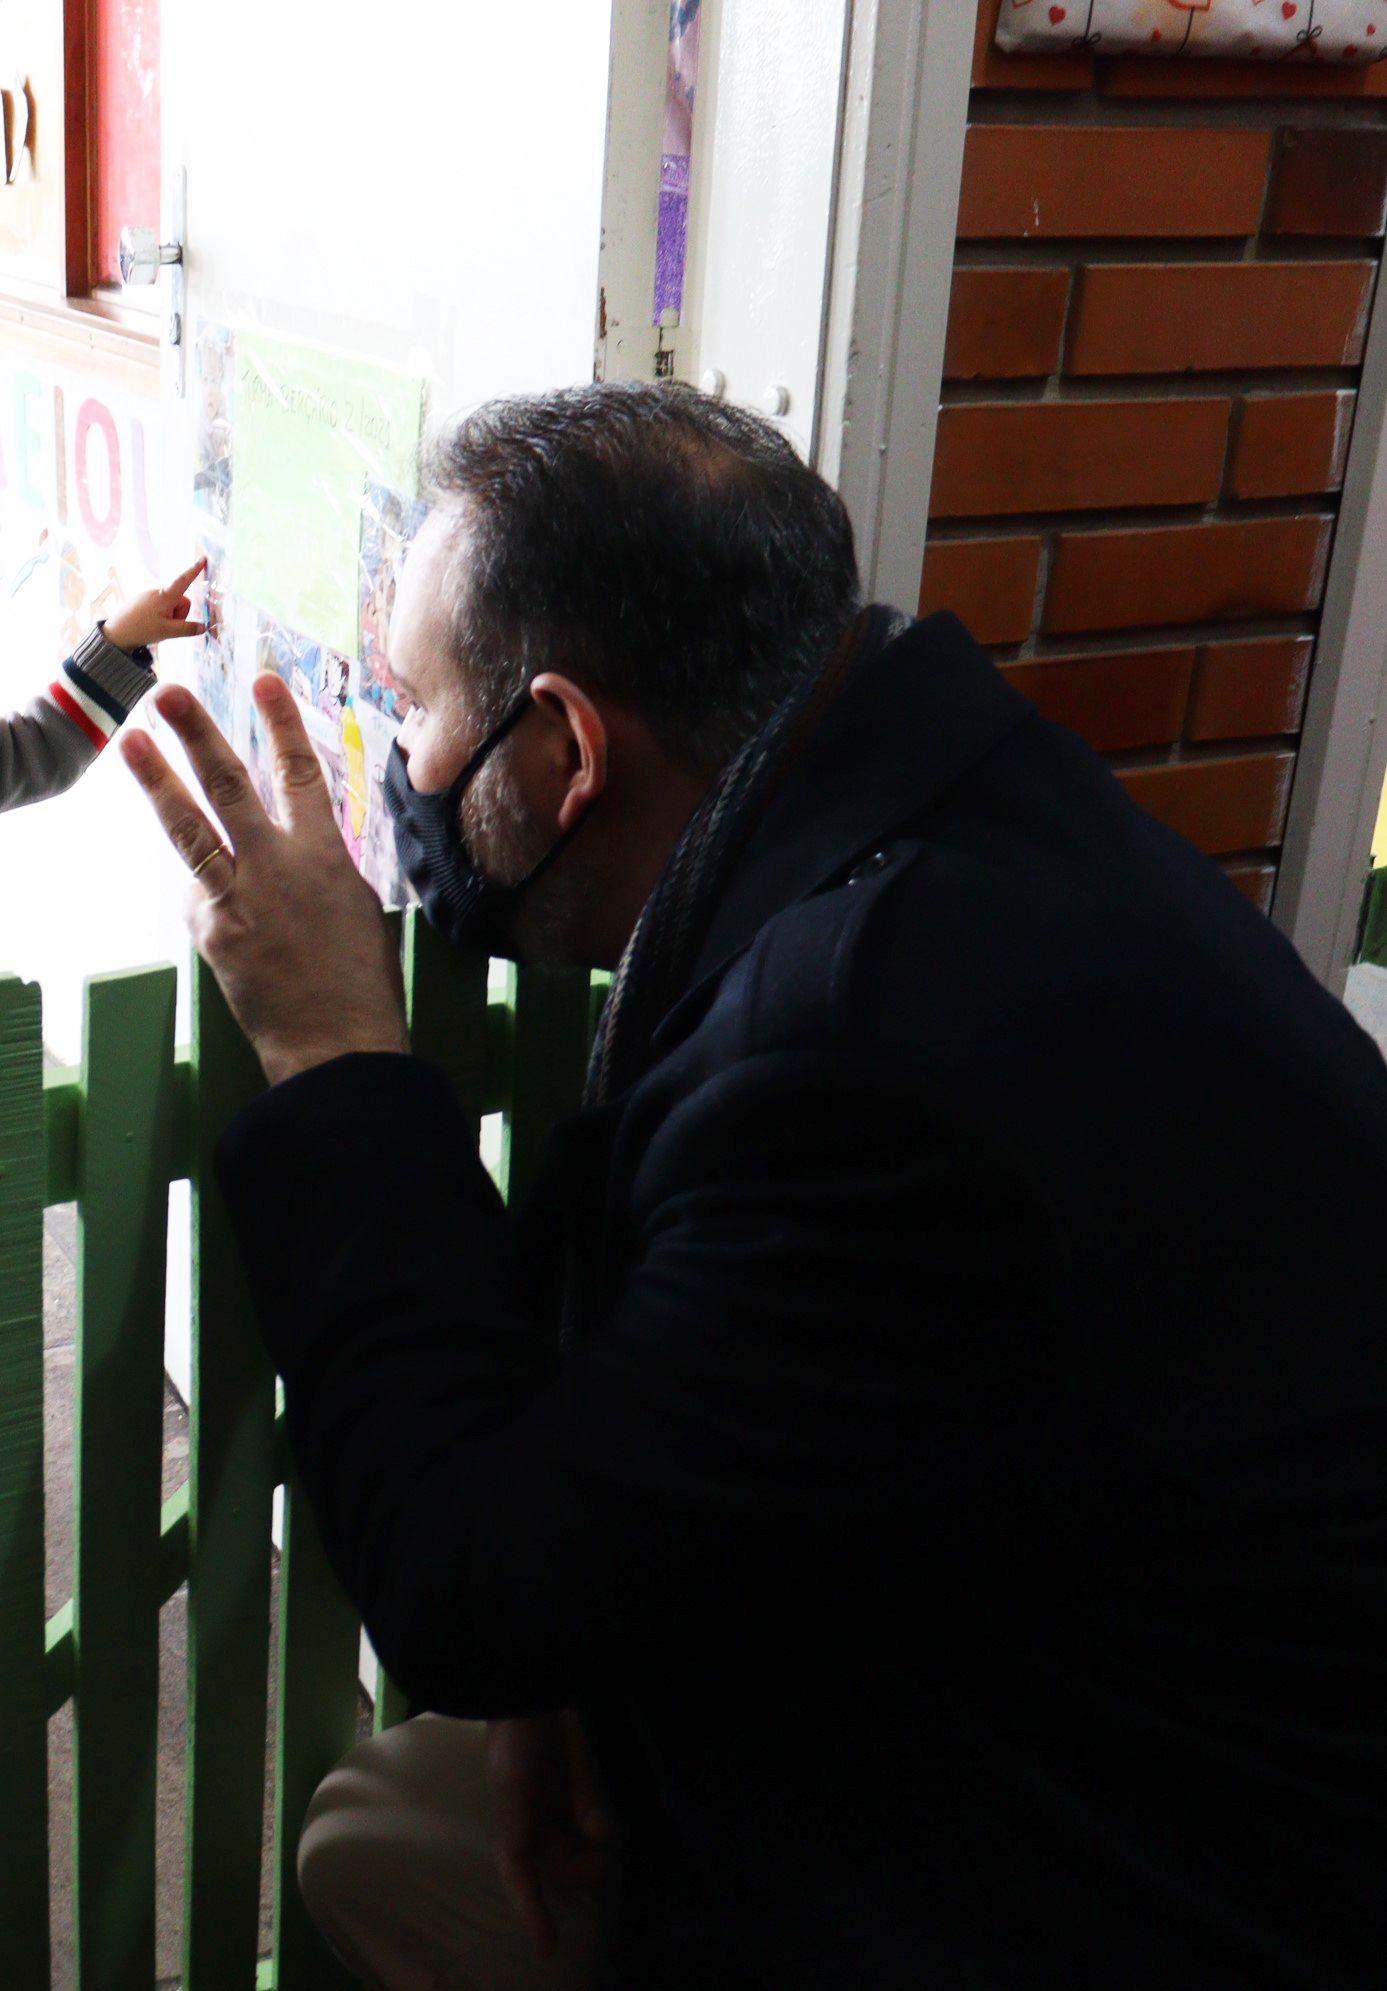 Vice-Prefeito interagindo com as crianças, que atentas observavam as visitas naquela tarde.